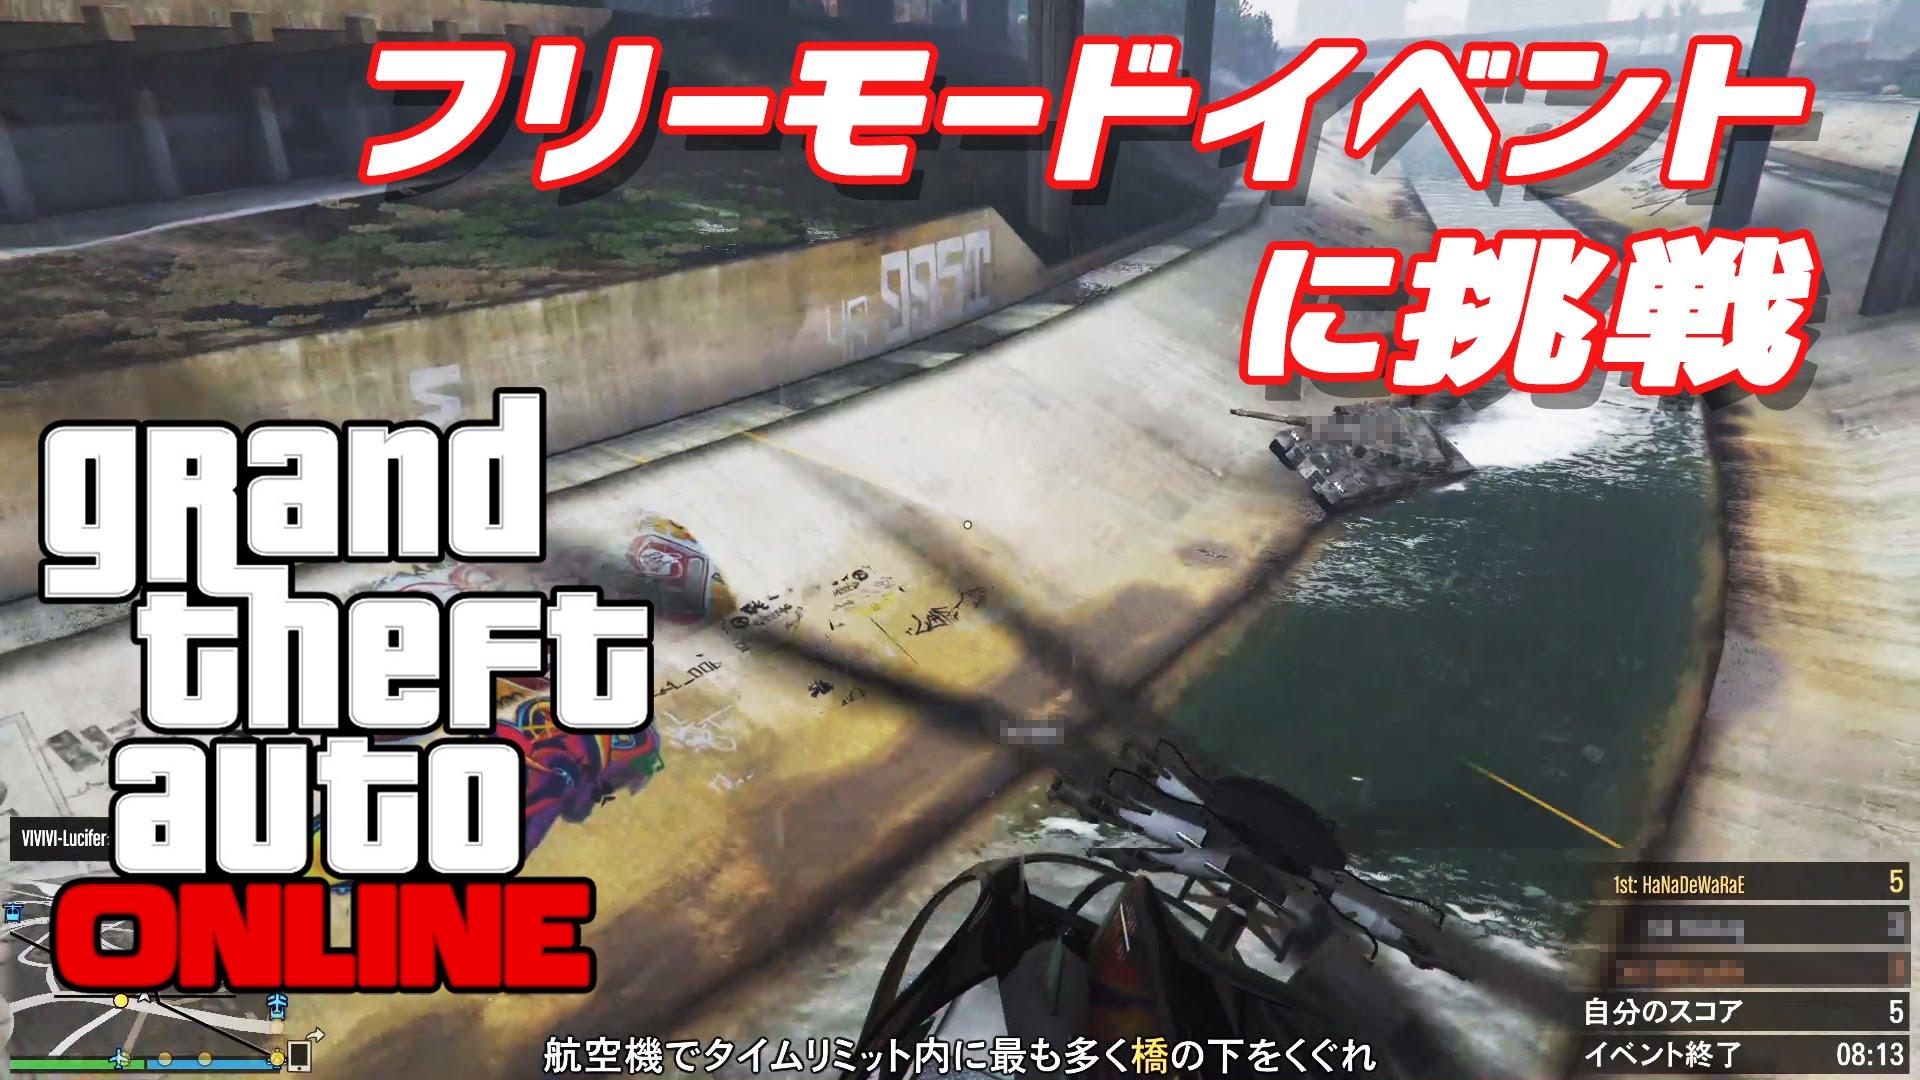 【PC版GTA Online】フリーモードイベントに挑戦【クリミナルダメージ&橋の下をくぐるチャレンジ】